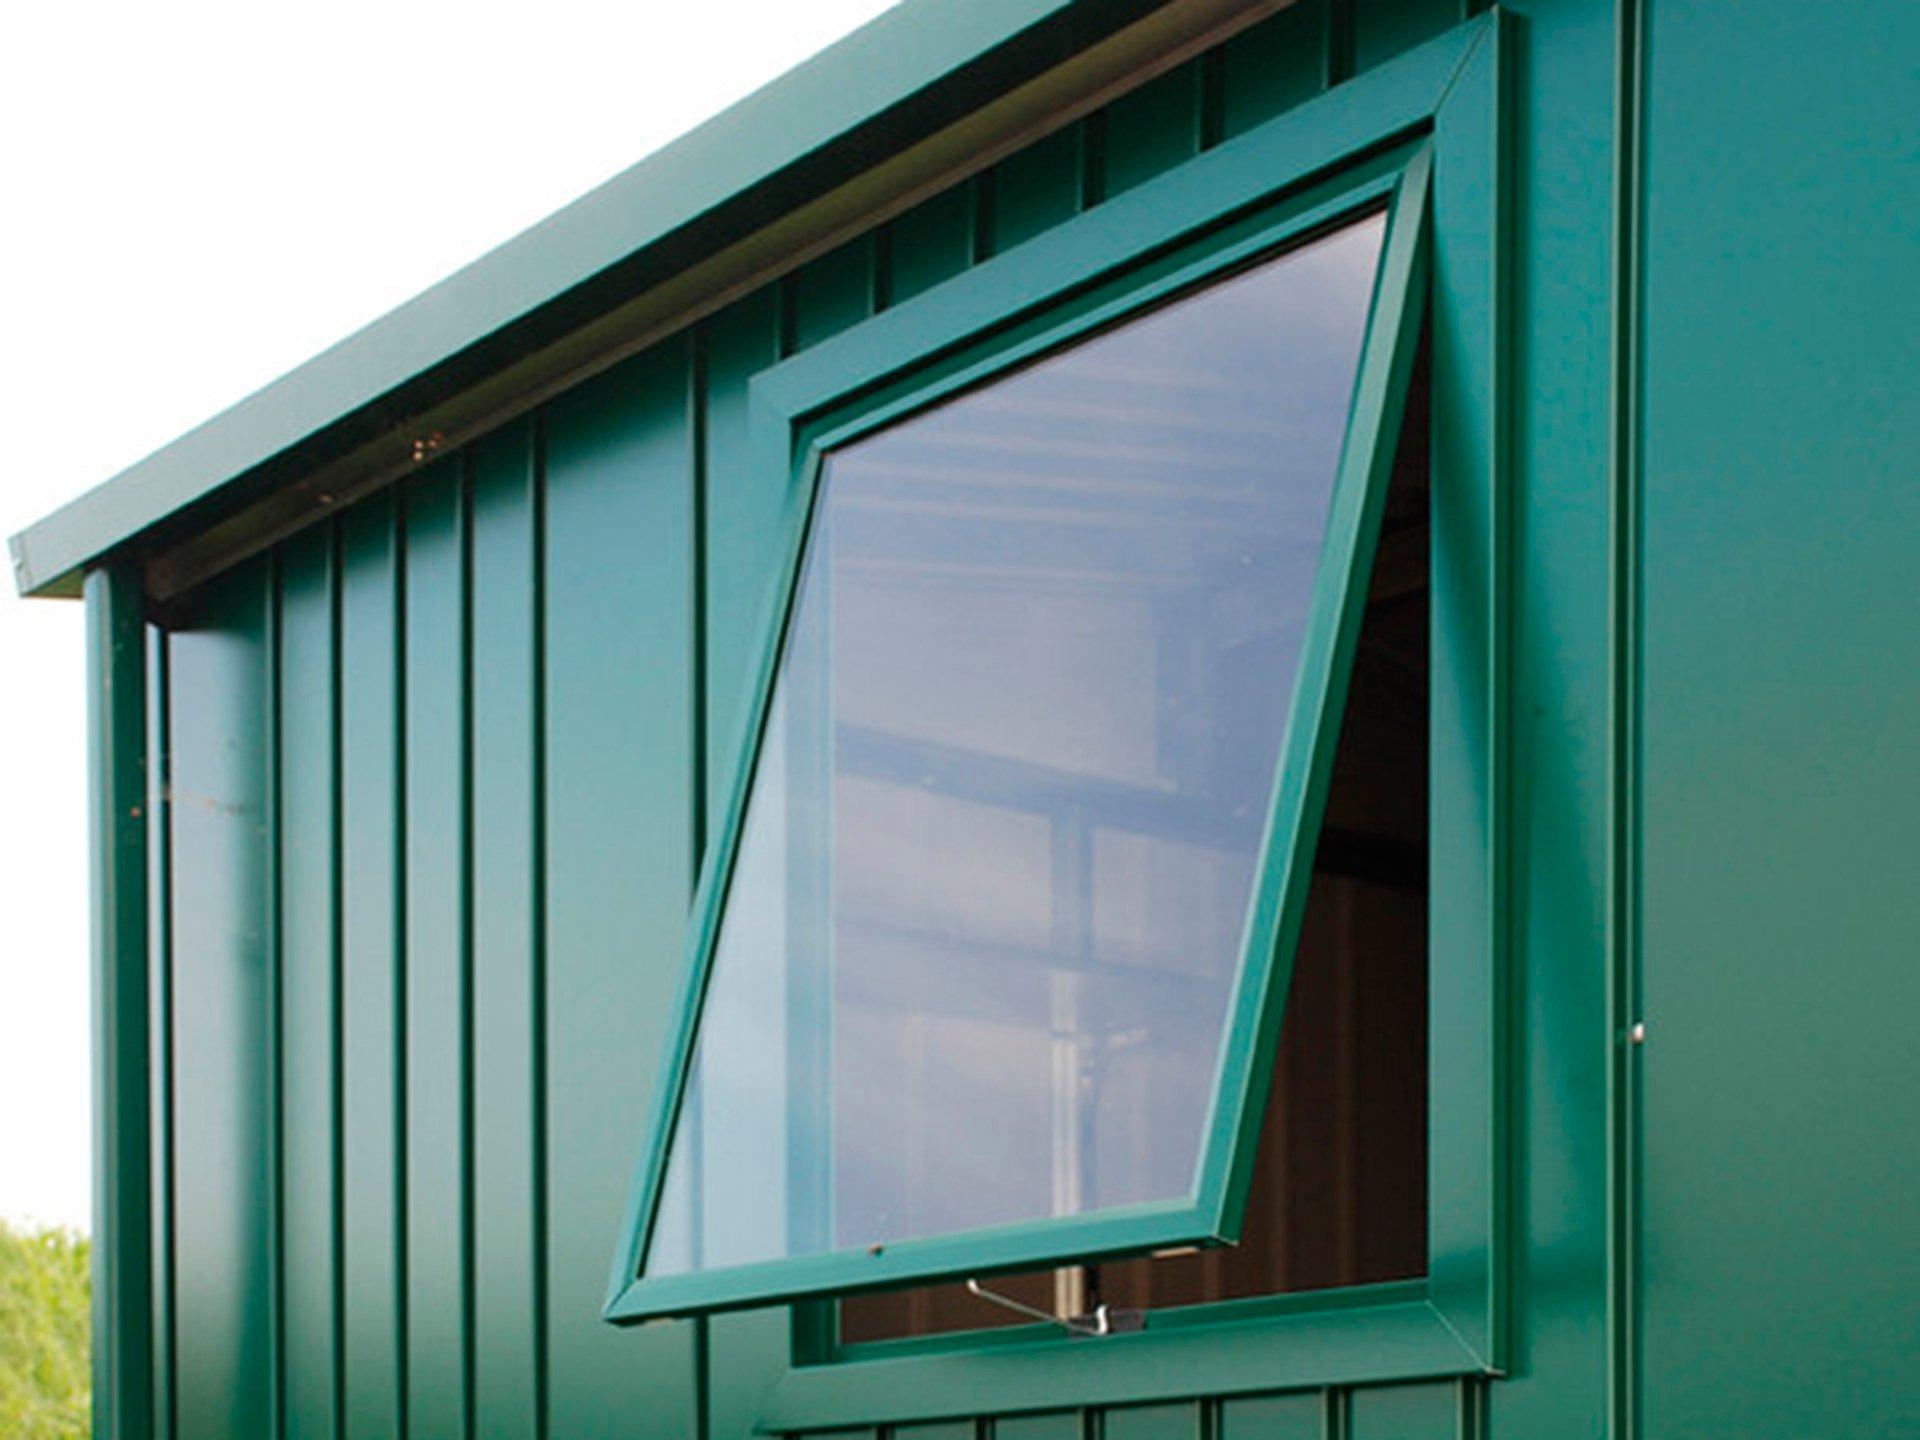 Ongebruikt Biohort raam voor tuinhuis Europa donkergrijs metallic   Hubo WA-35